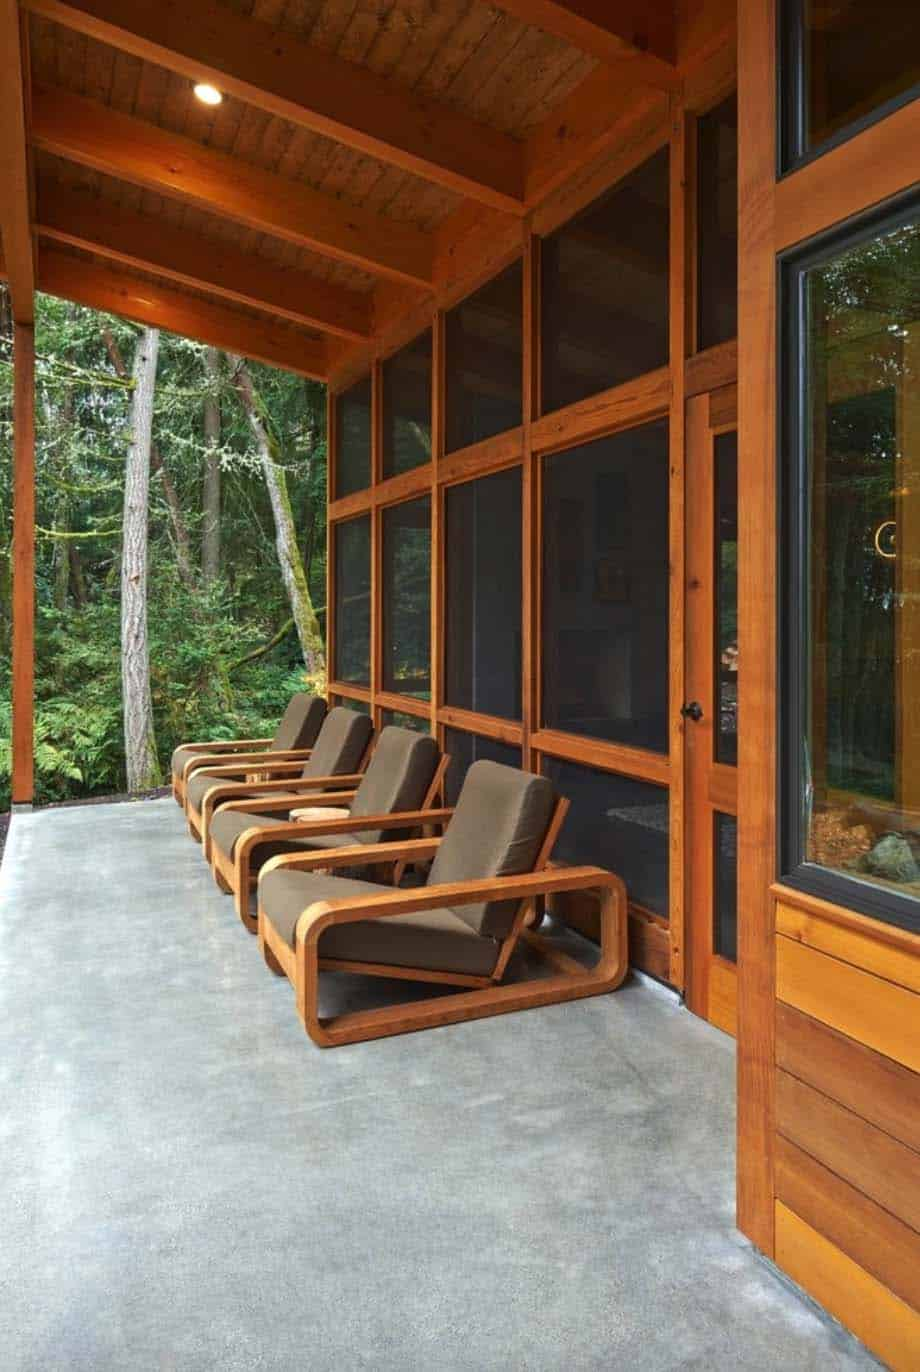 prefabricated-rustic-cabin-porch